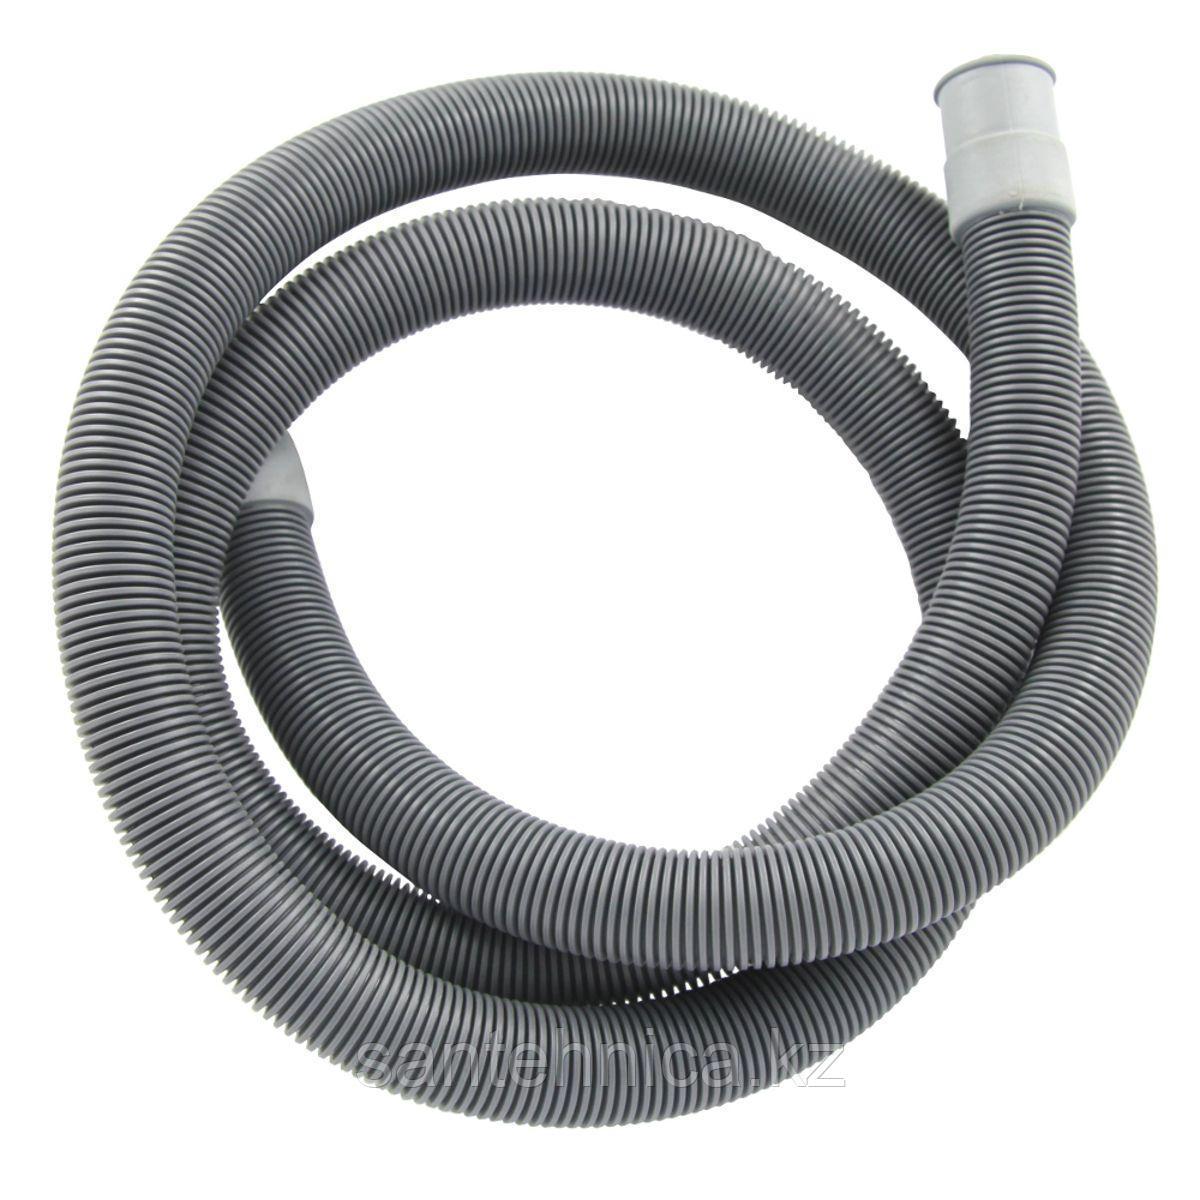 Шланг сливной для стиральной машины D=17/21 мм L=4.0 м Tuboflex